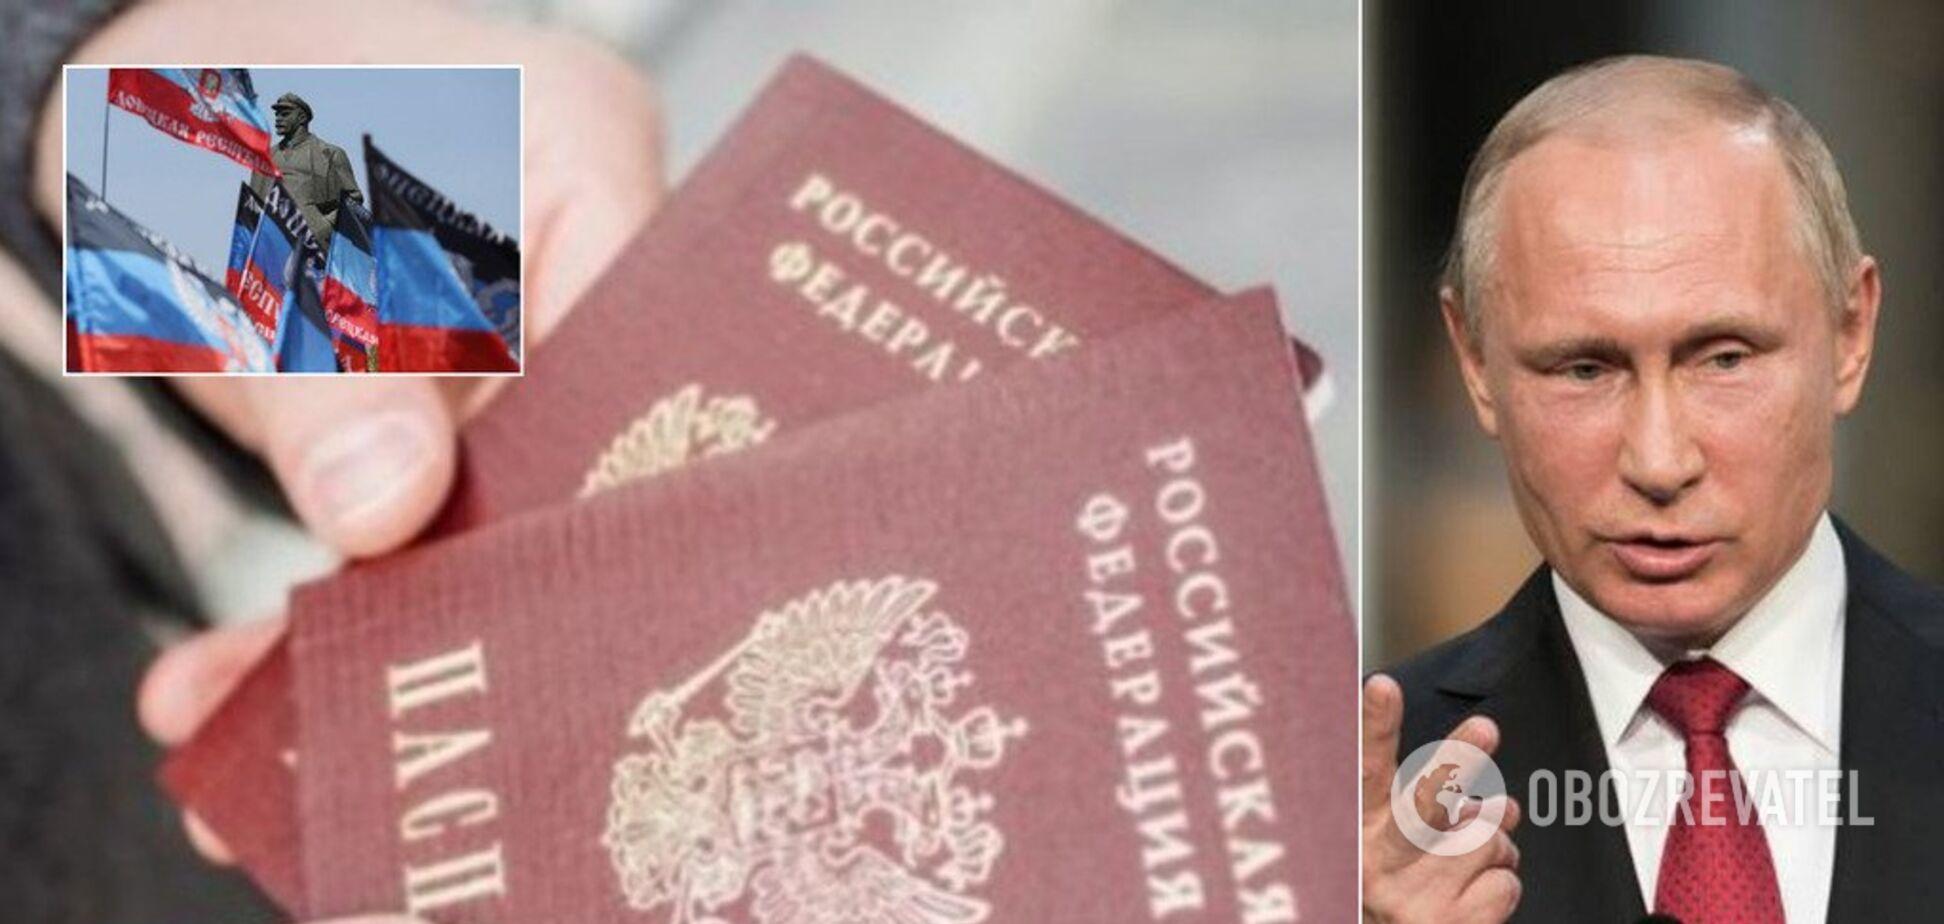 Привет, Зе! Почему Путин решил раздать паспорта в 'Л/ДНР'